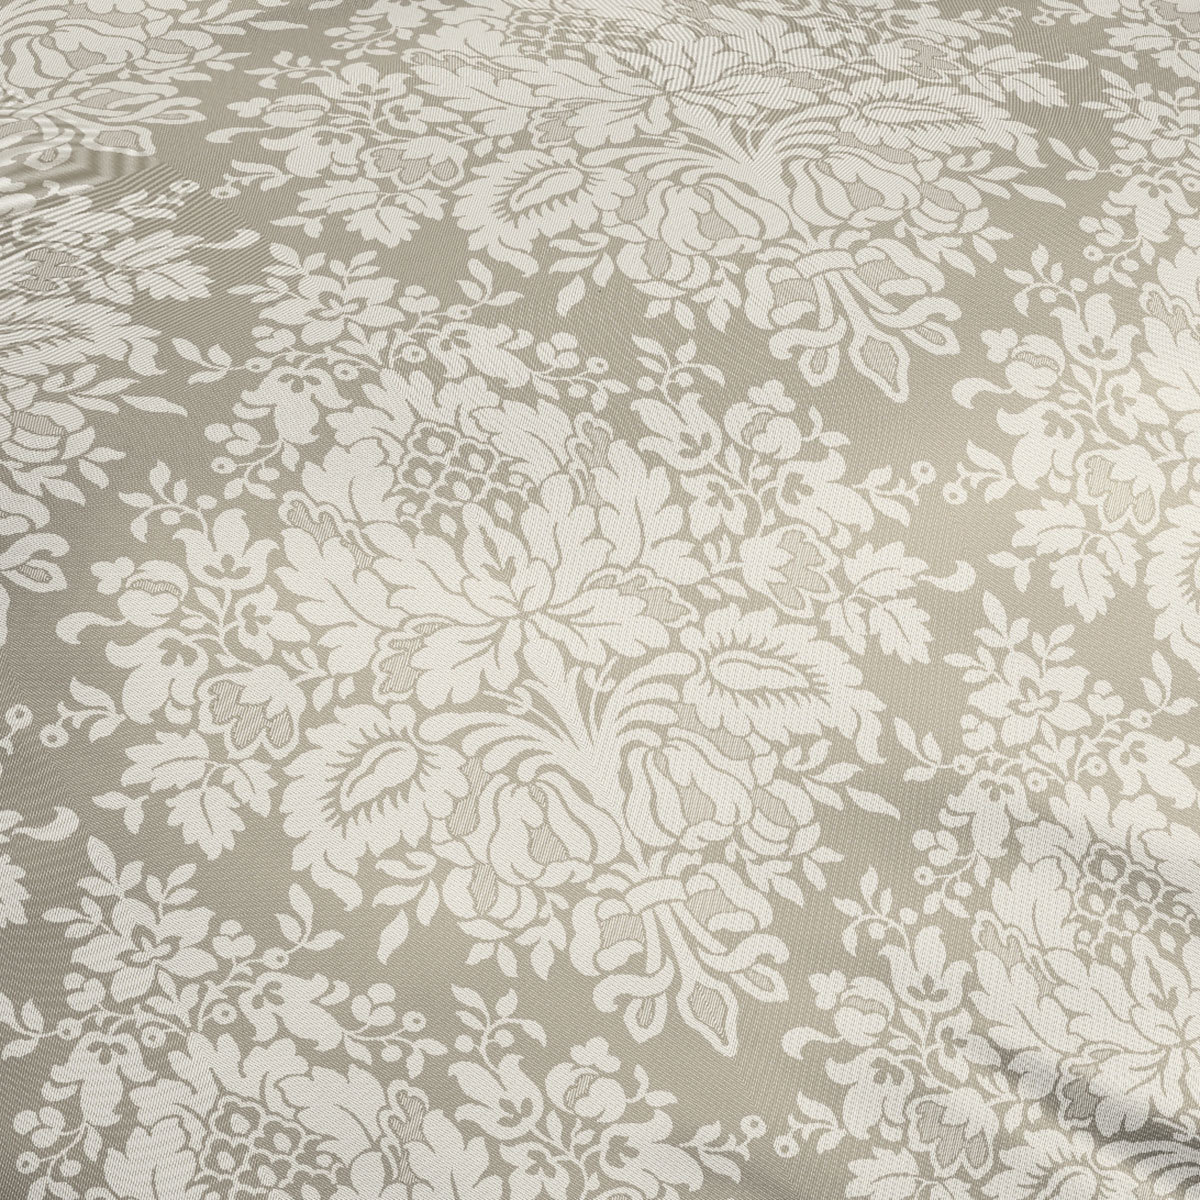 fleuresse edelflanell bettw sche ornamente mandel g nstig. Black Bedroom Furniture Sets. Home Design Ideas